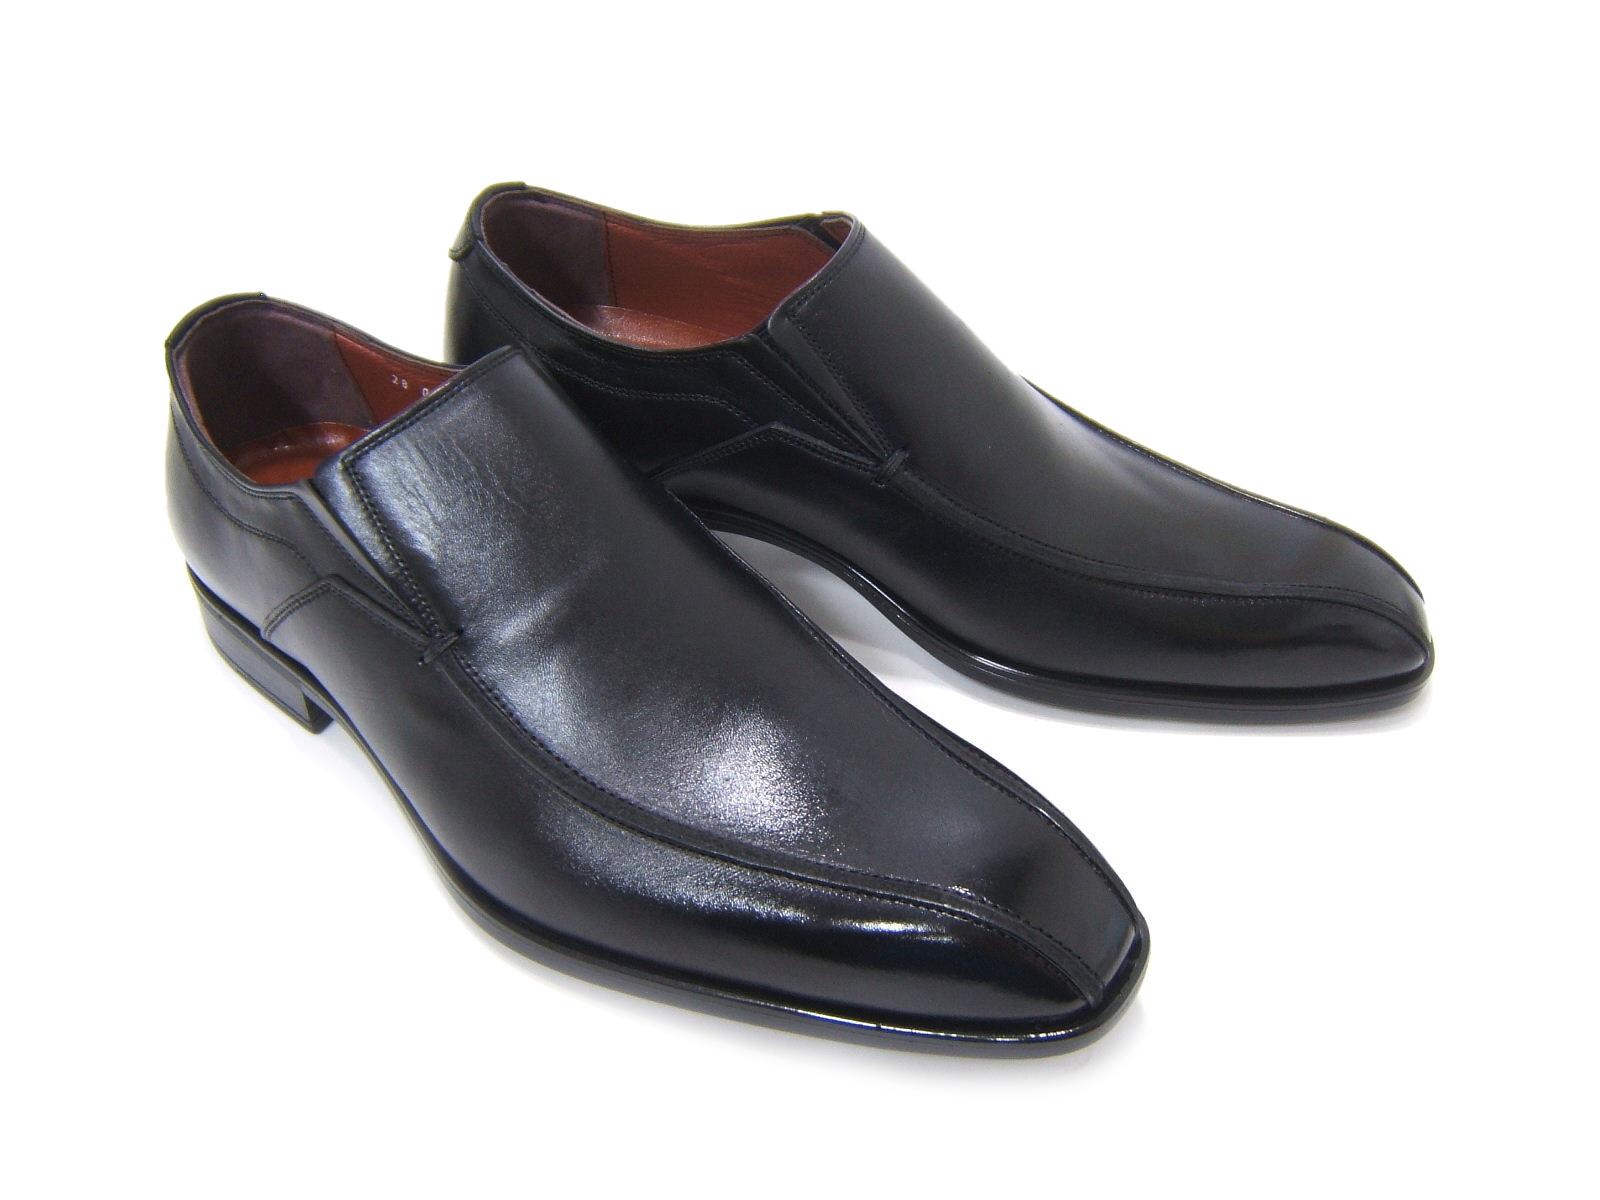 ビジネスにパーティーに♪大人の魅力溢れる足元を!フランコ ルッチ/FRANCO LUZ FL1053-BLK ブラック 紳士靴 スワールモカ ビジネス パーティ 送料無料